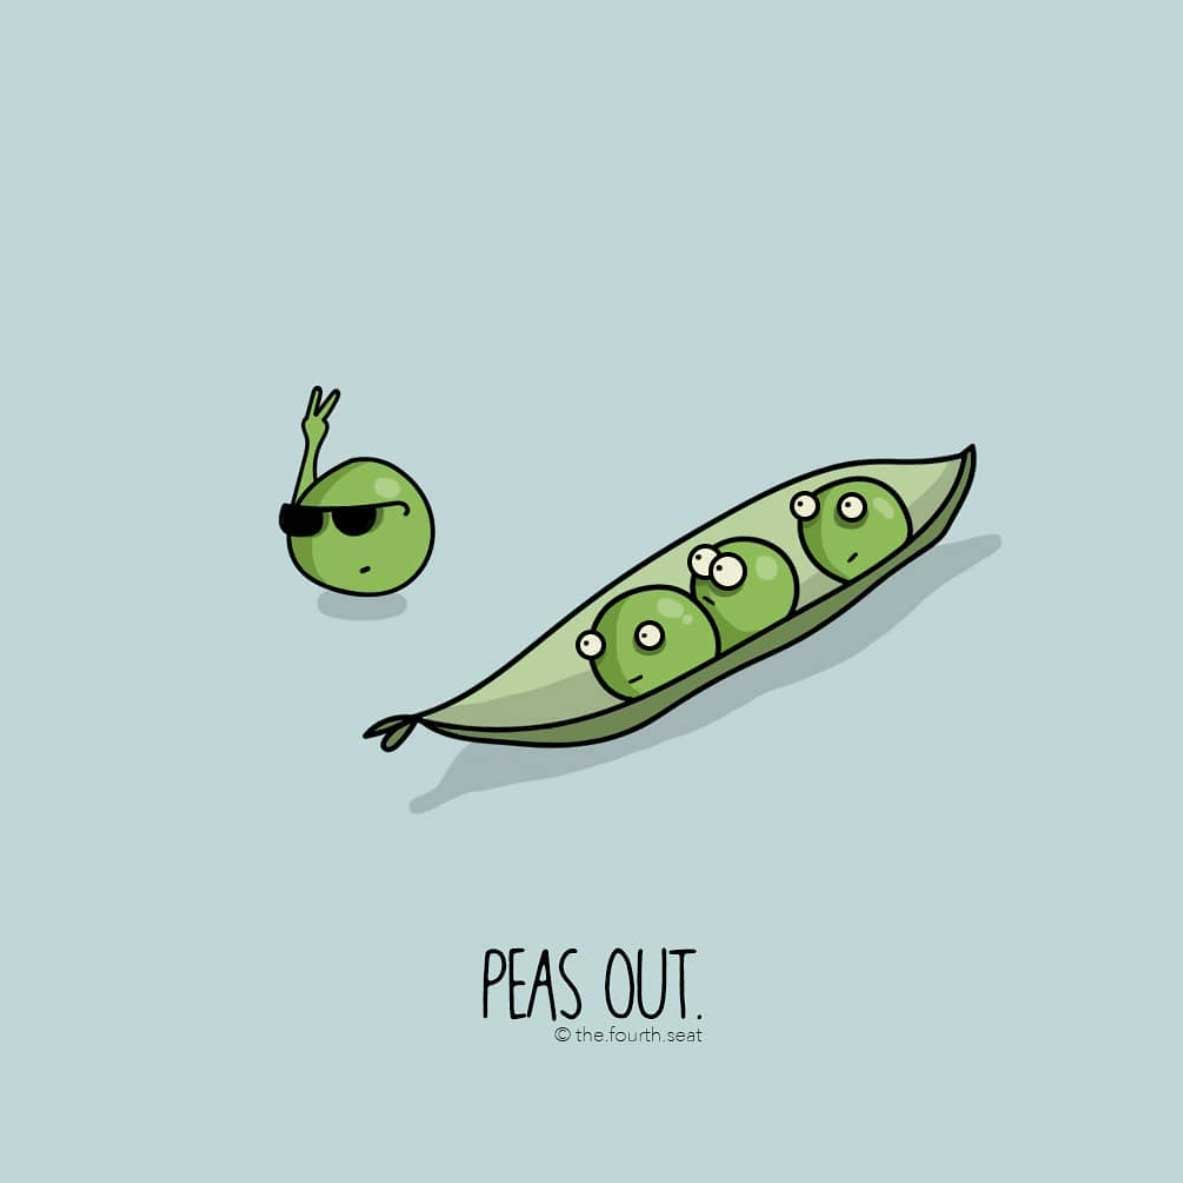 Illustrierte Wortspiele von Abha Patil Abha-Patil-30-days-of-puns_01